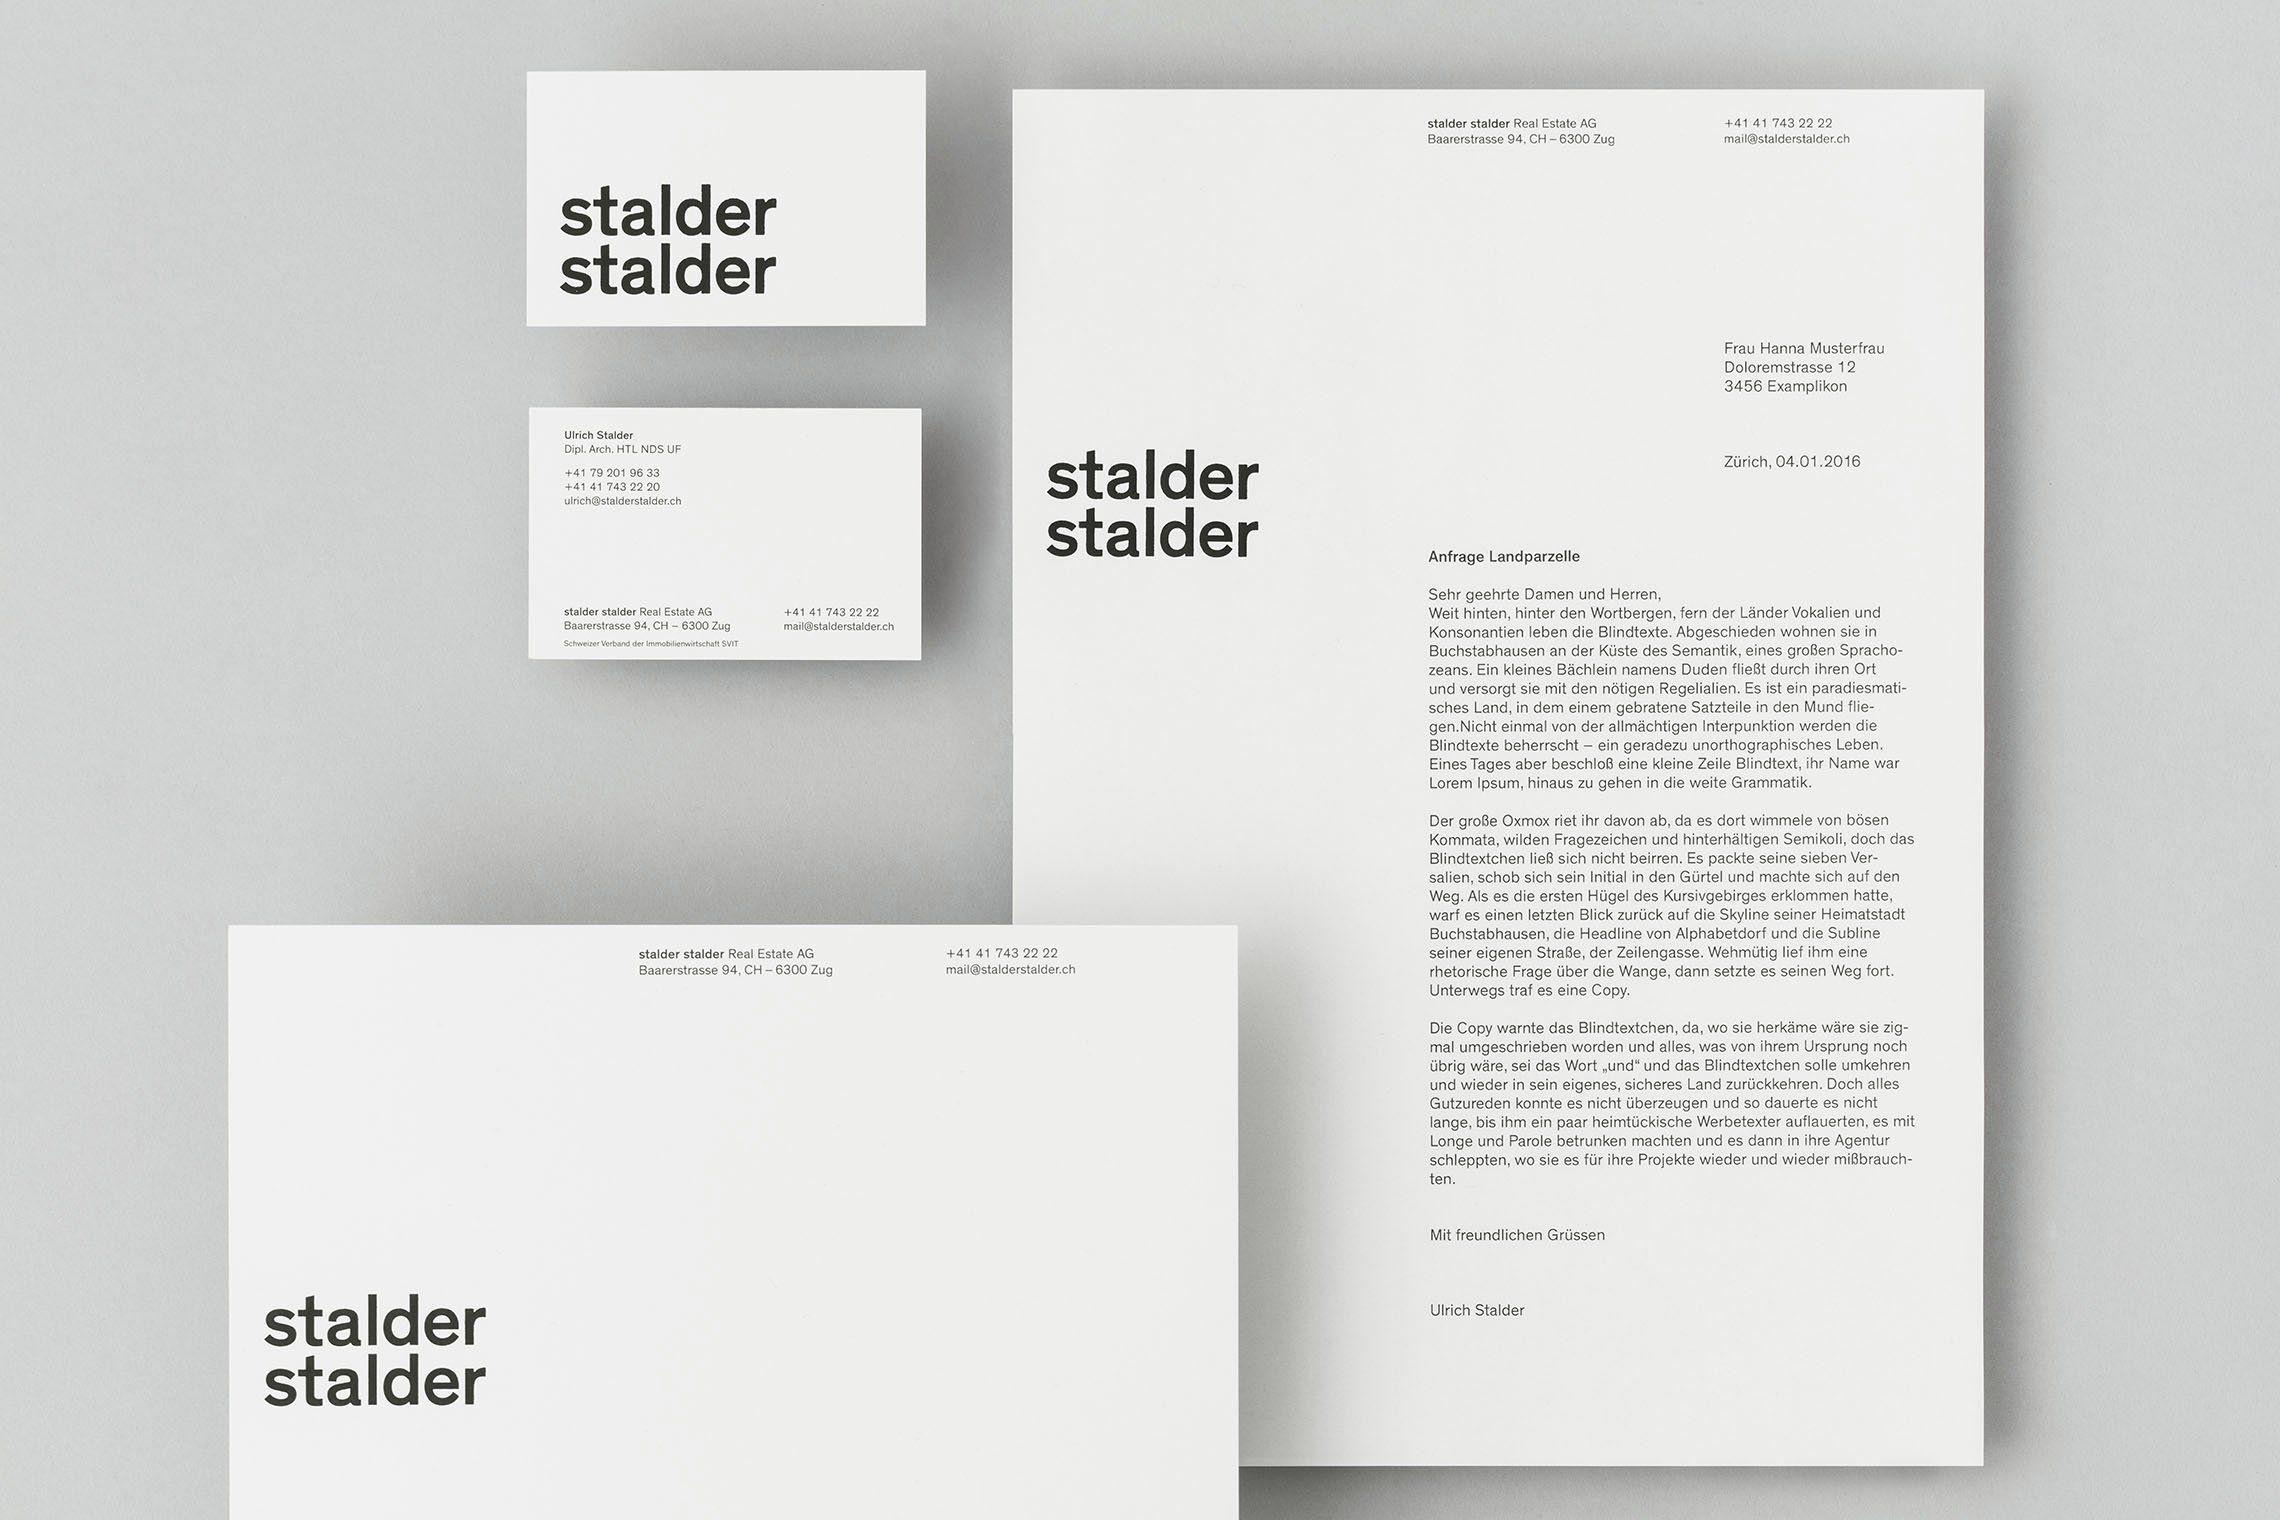 Corporate Identity Brand Design Stalder Stalder Allink 14 4etwjus Jpg 2280x9999 Q85 Jpg 2 39 280 1 39 520 Pixel Brand Identity Branding Design Identity